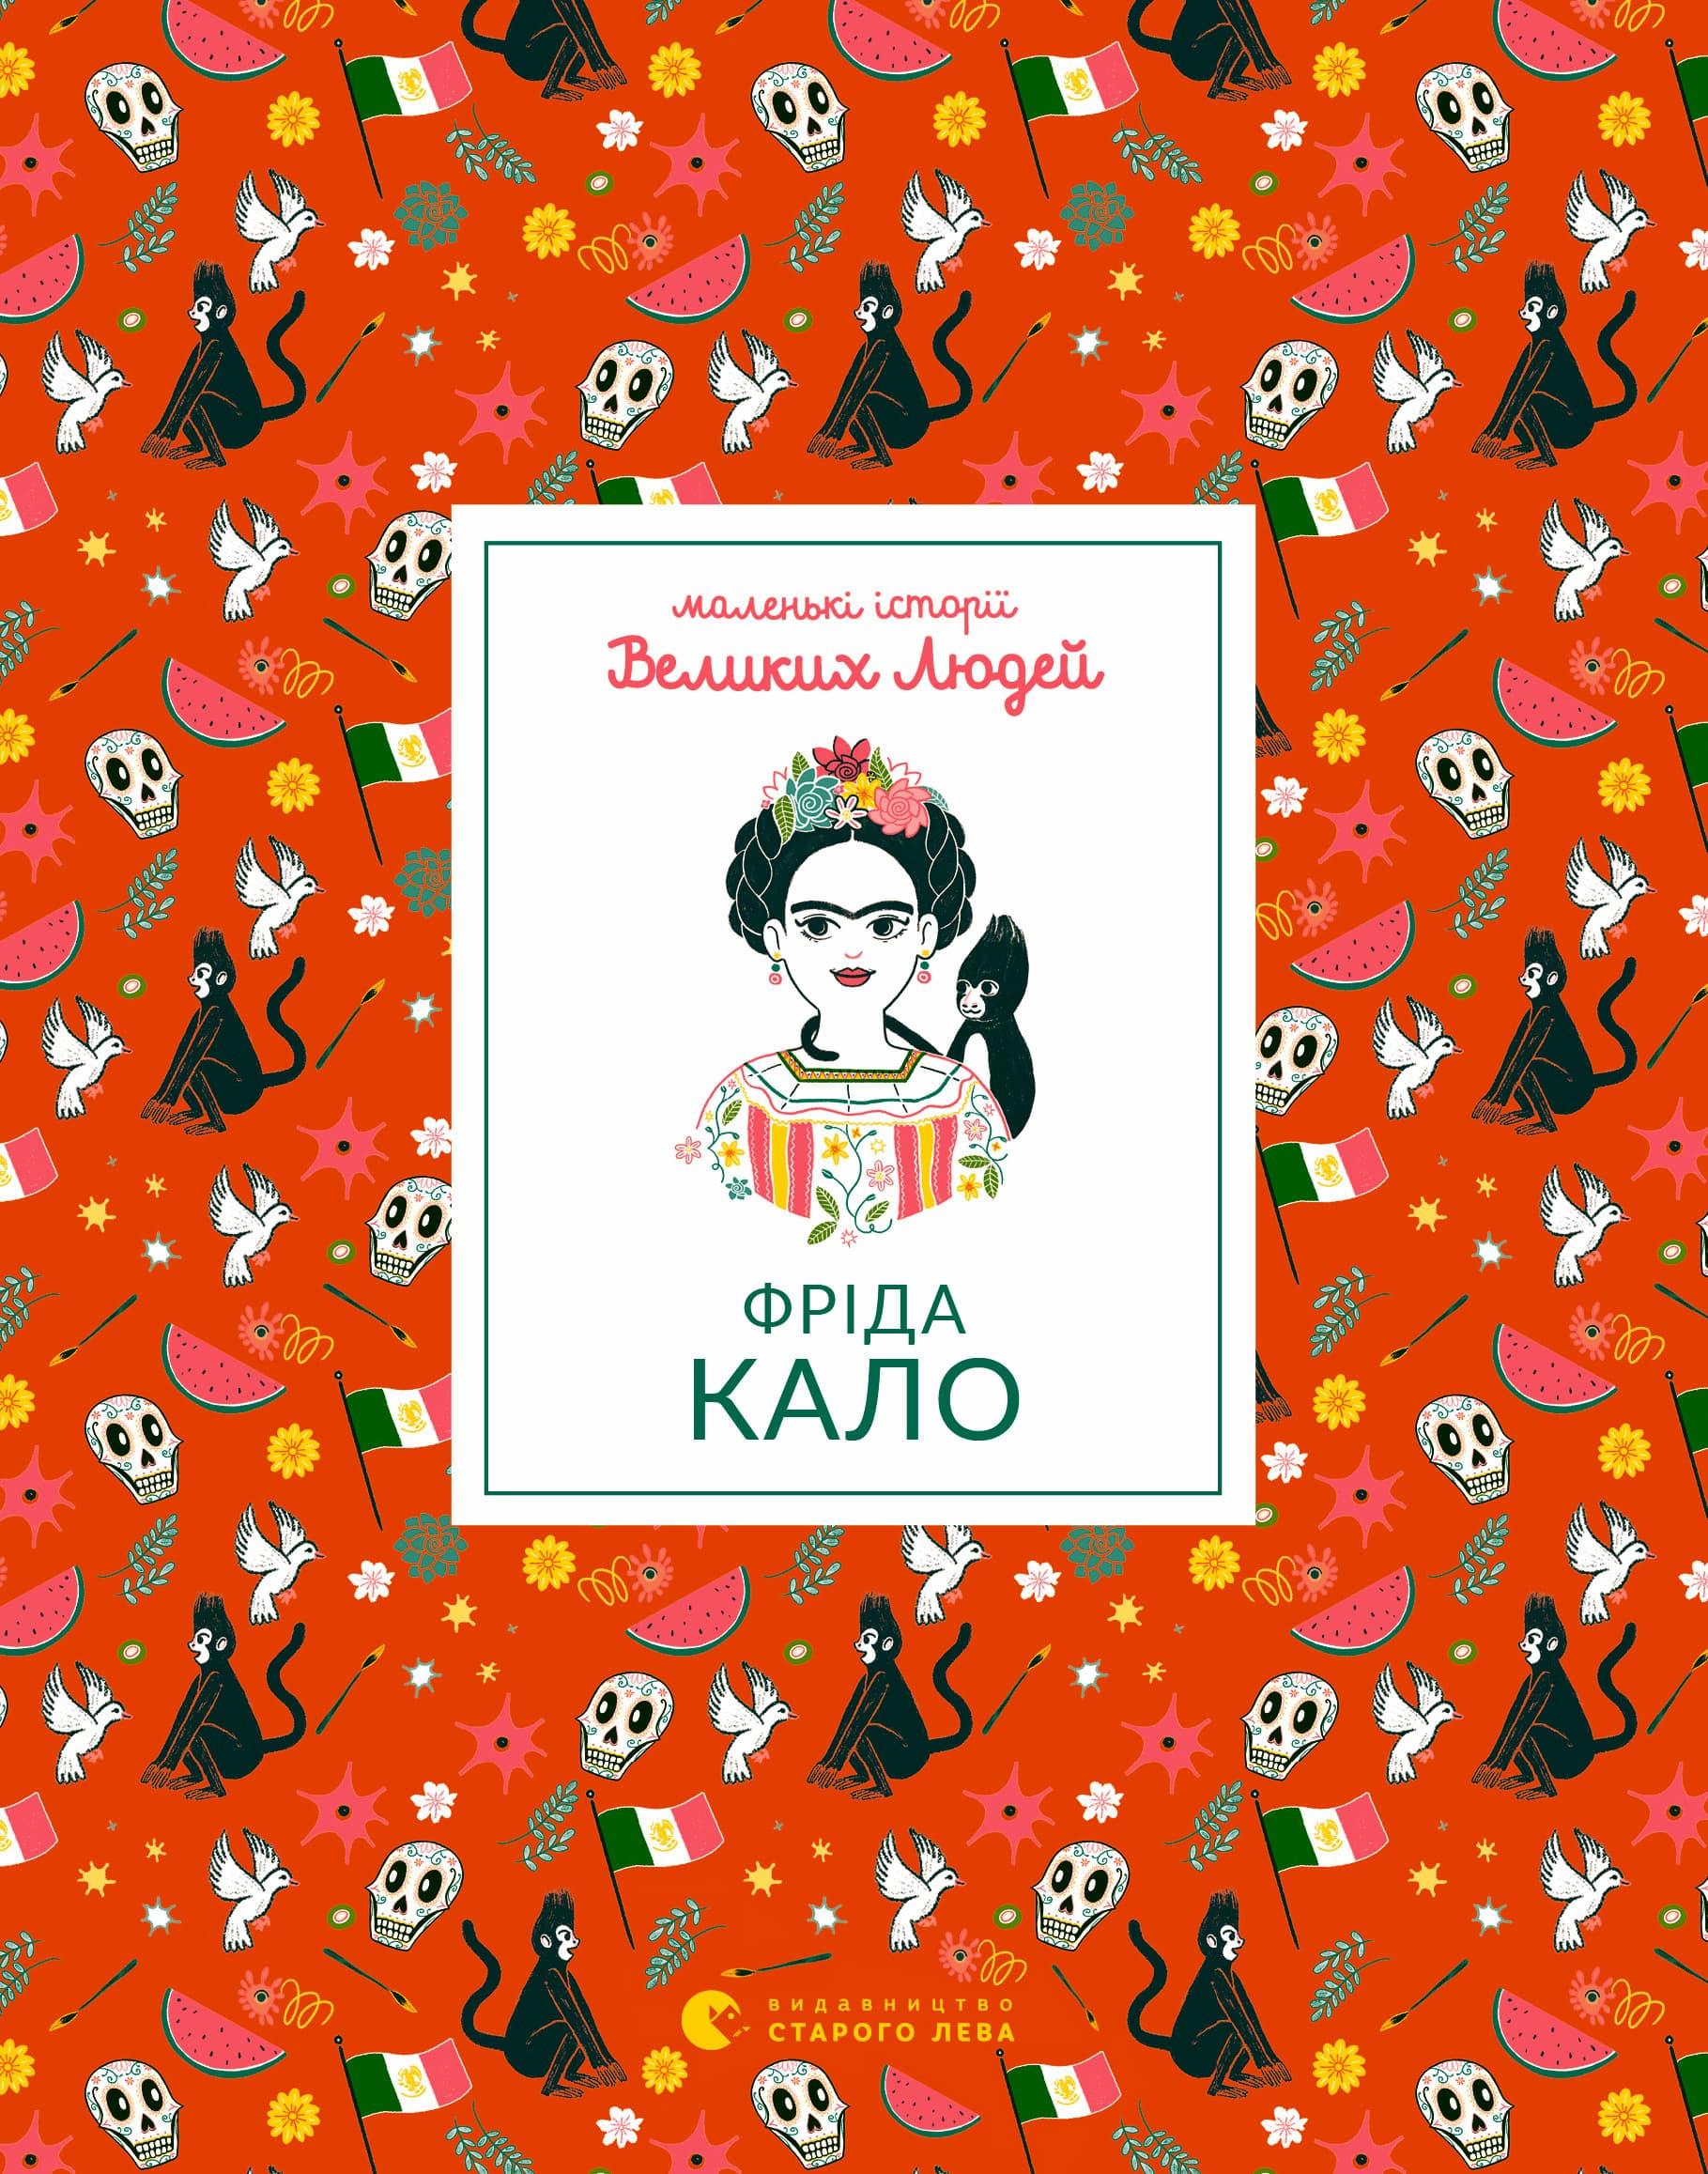 Маленькі історії Великих Людей: Фріда Кало